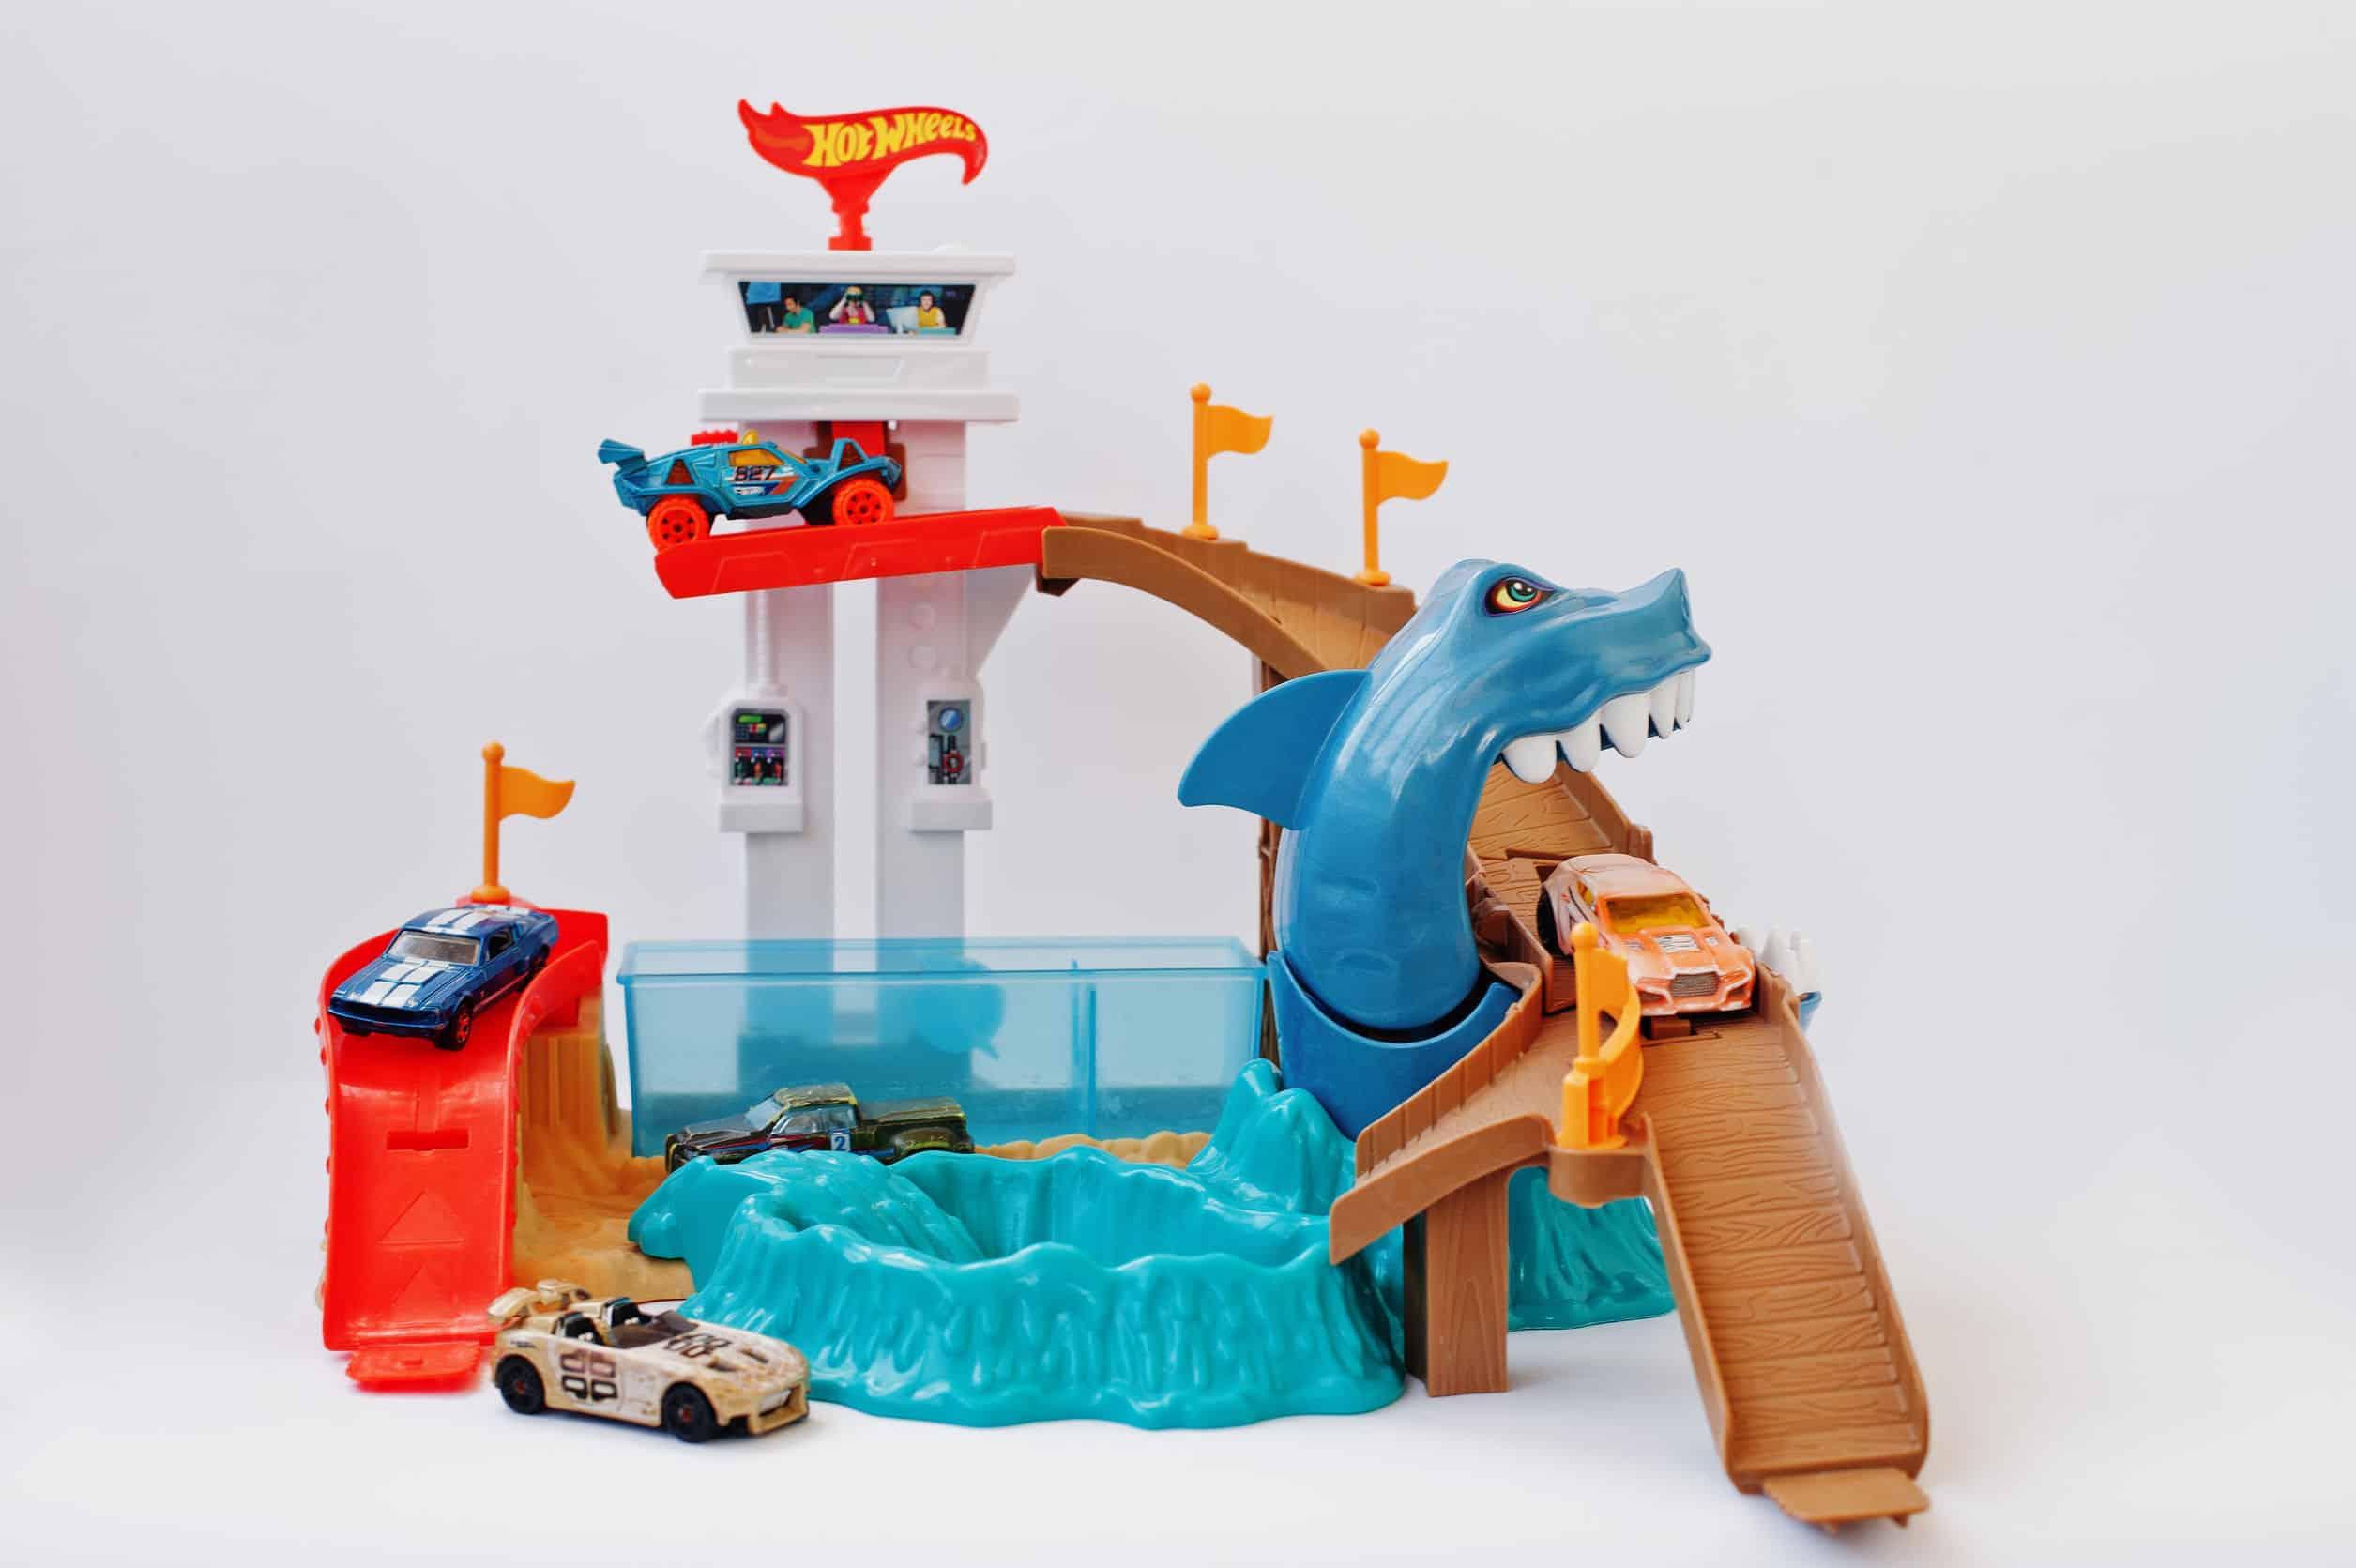 Pista Hot Wheels com torre, tubarão e carrinhos.